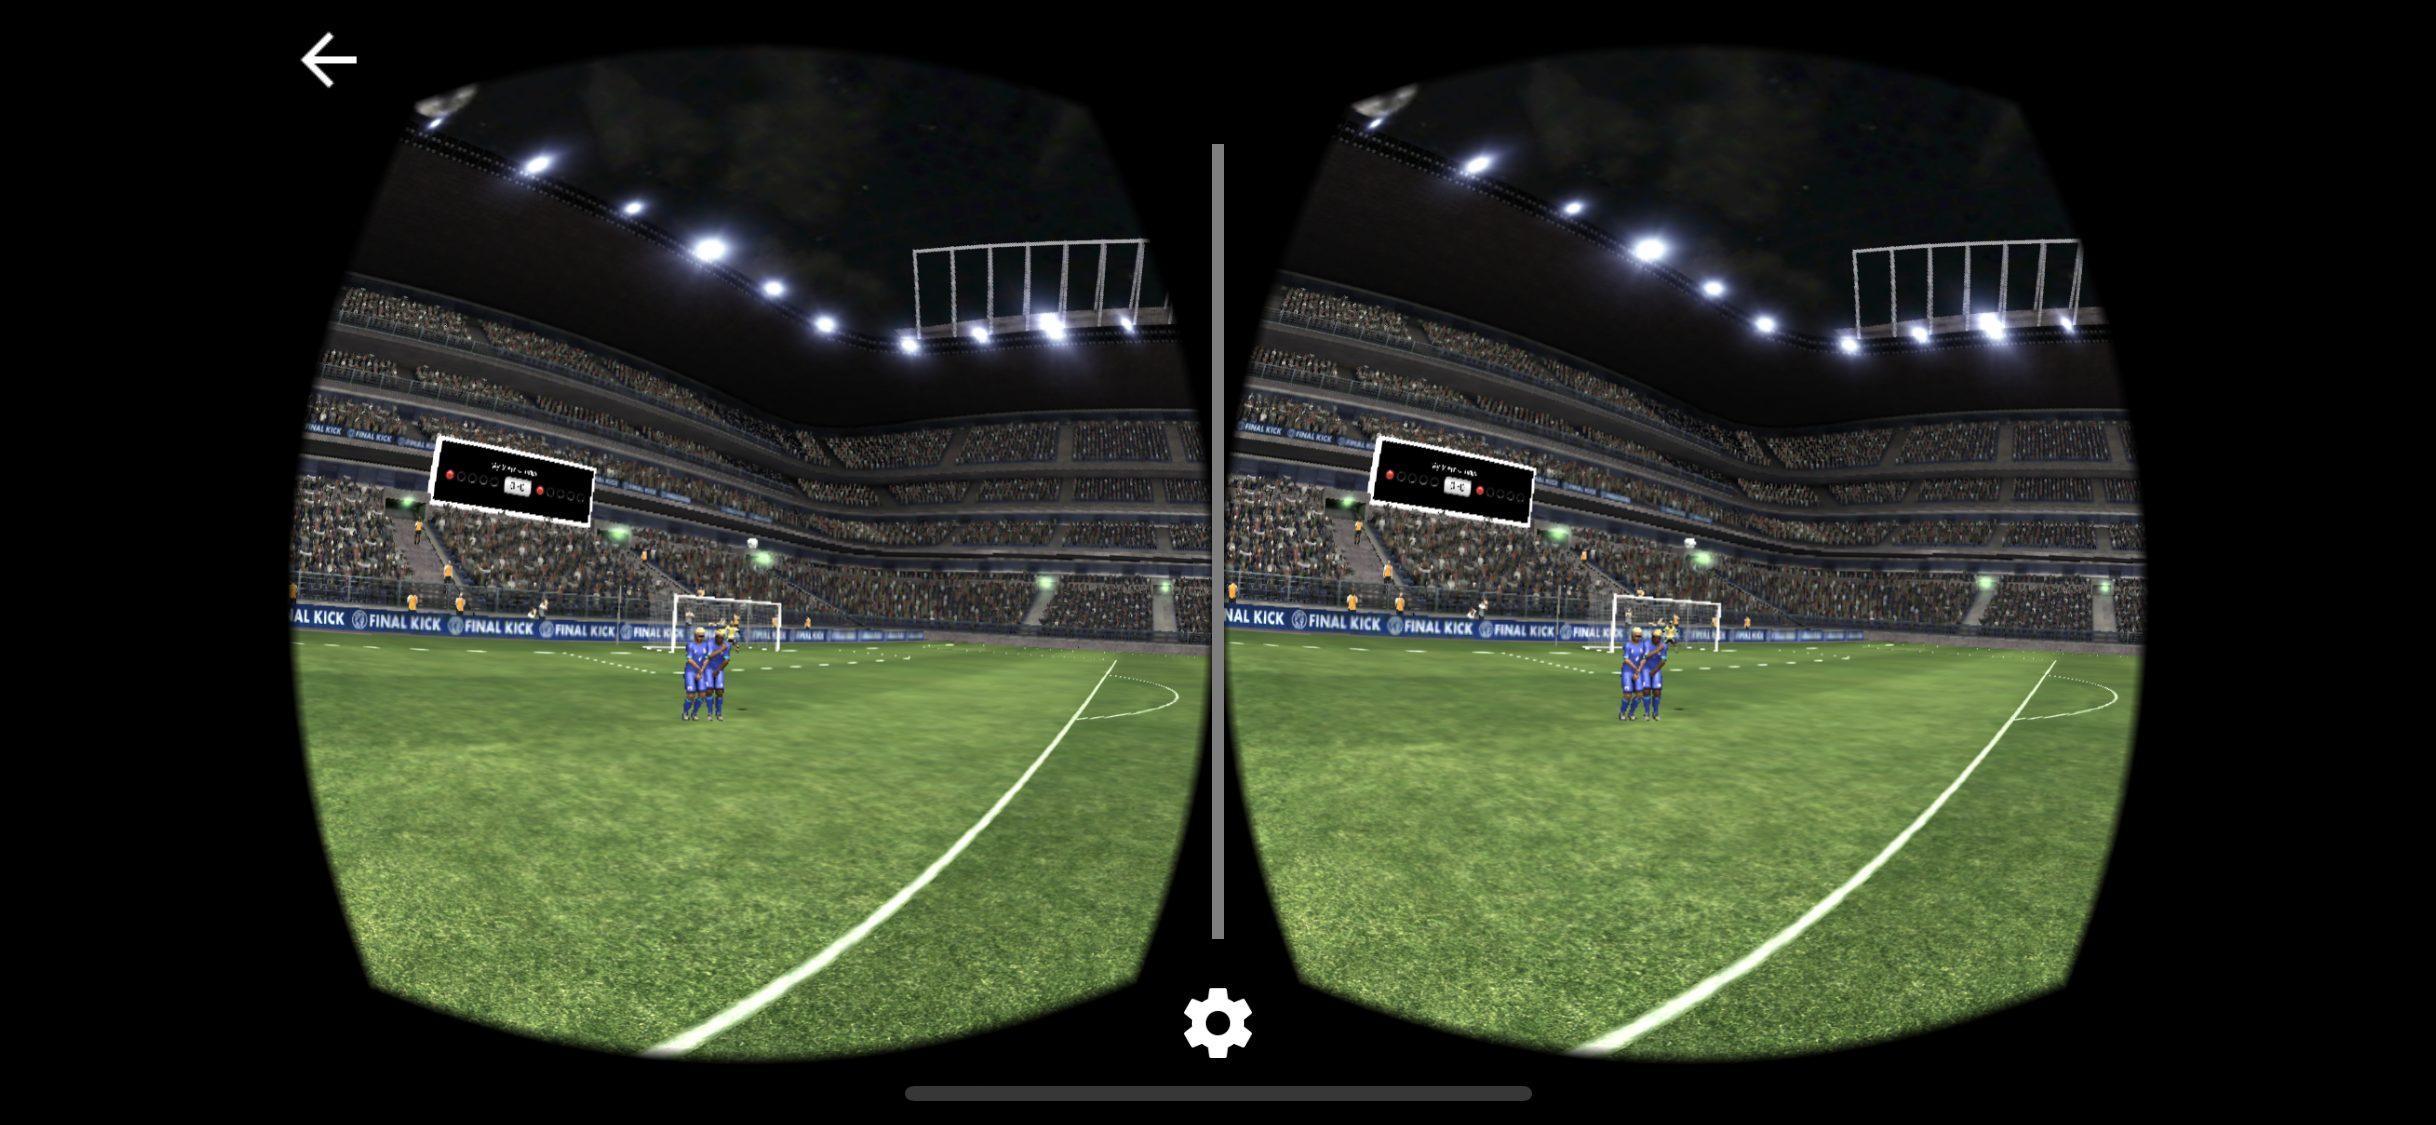 Final_Kick_VR_2